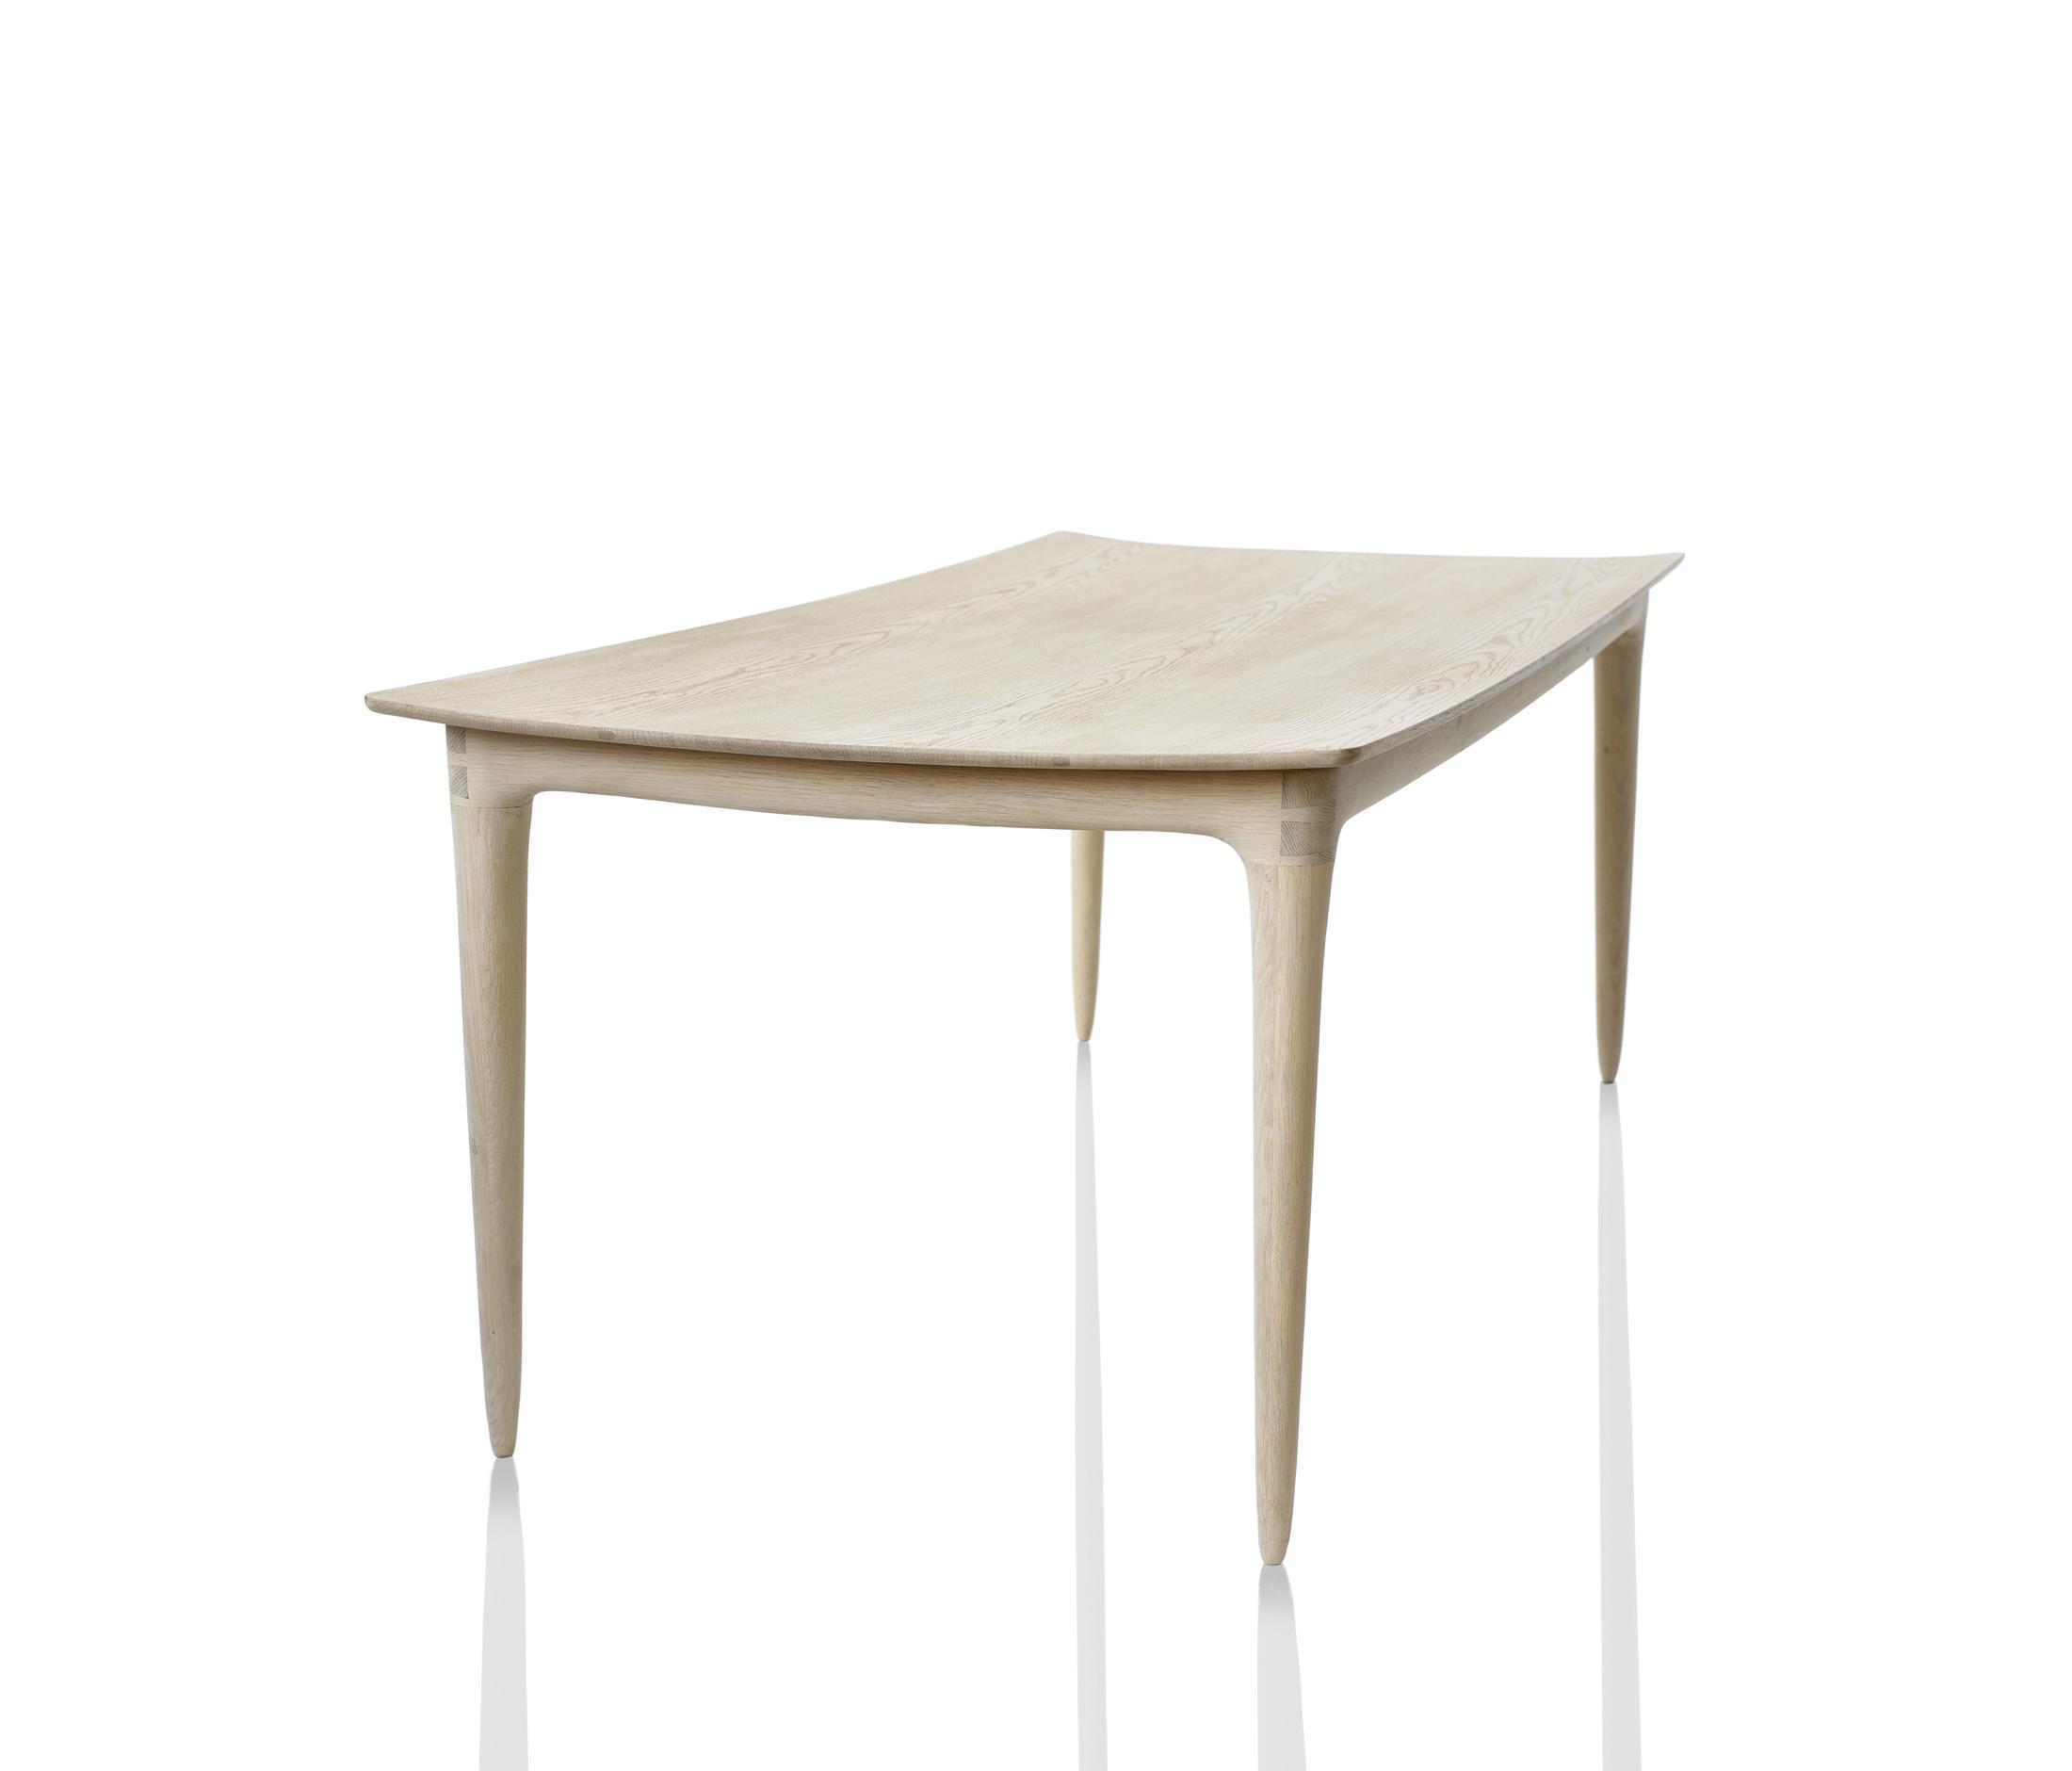 Curved Table Tavoli Da Pranzo Di ASK EMIL Architonic #533B21 2200 1880 Produttori Di Tavoli Da Pranzo